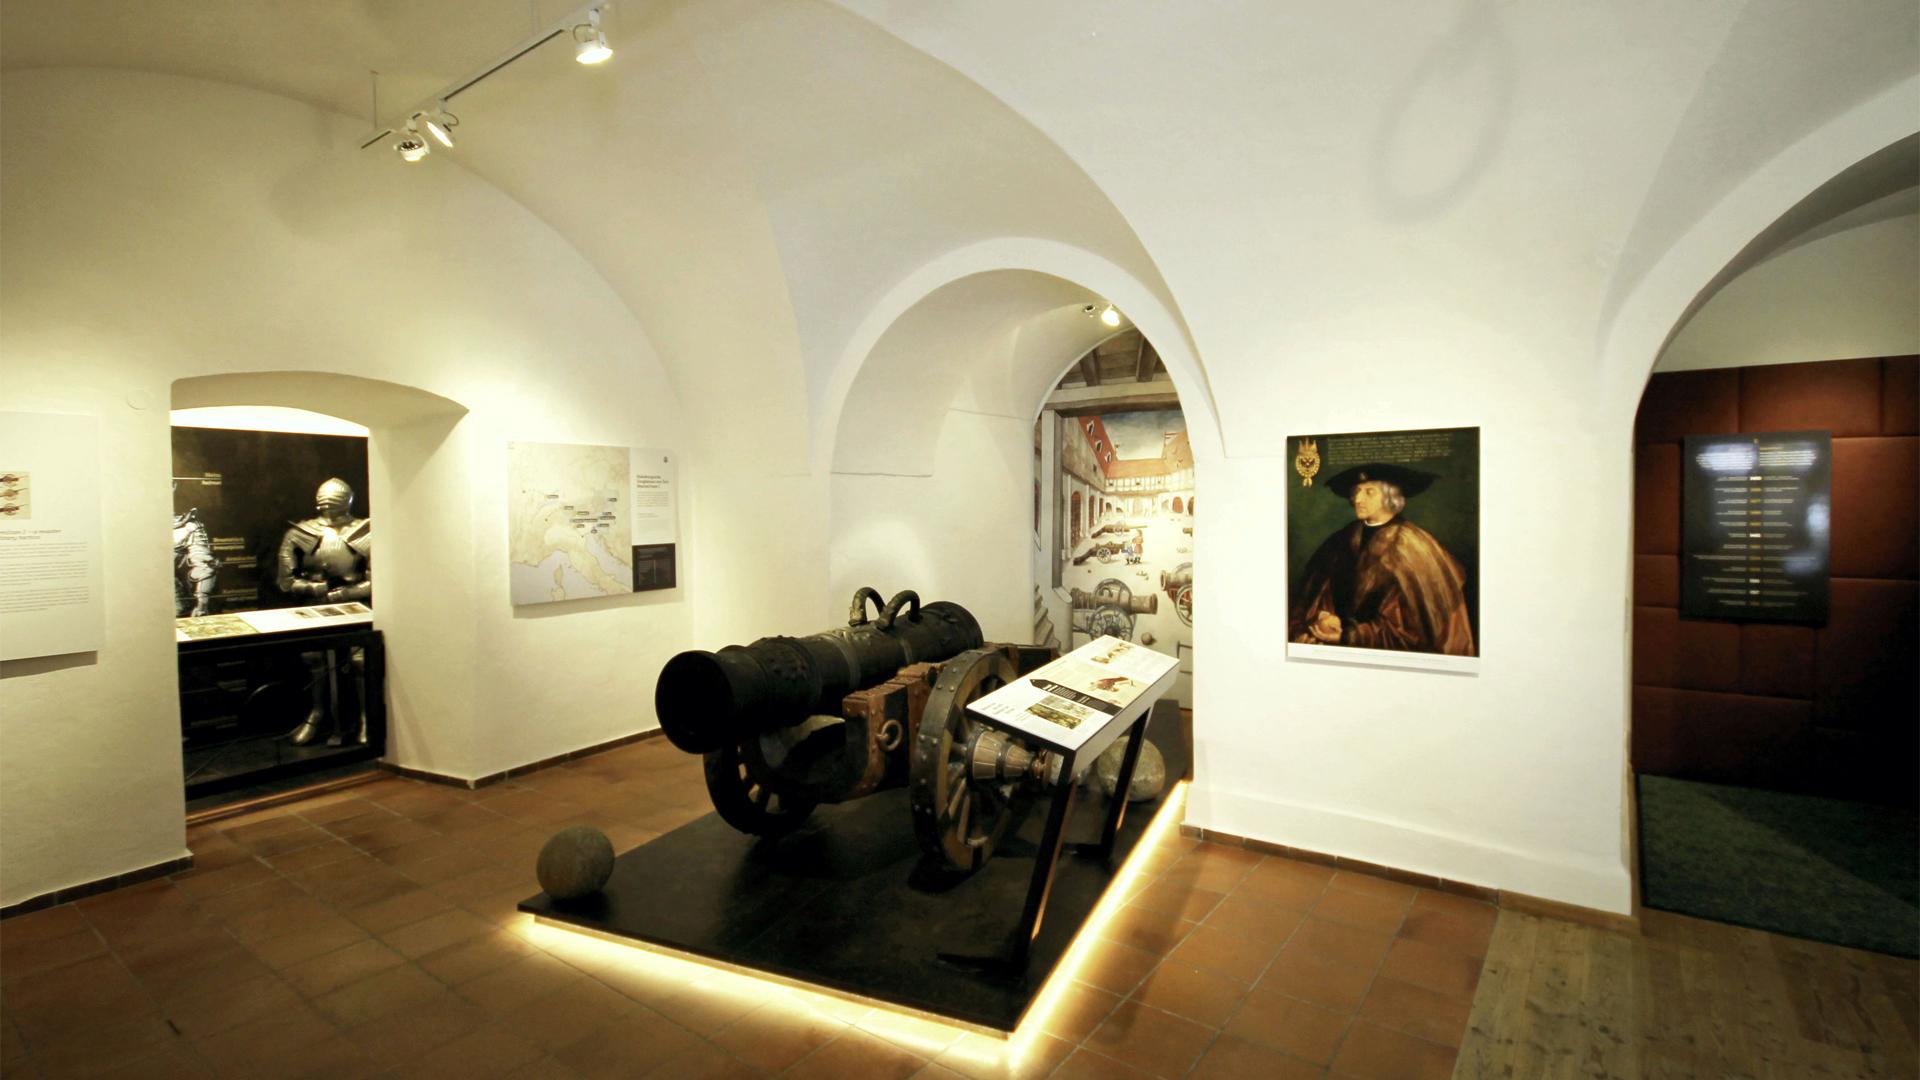 Exhibition-Kufstein-Maximilian_02